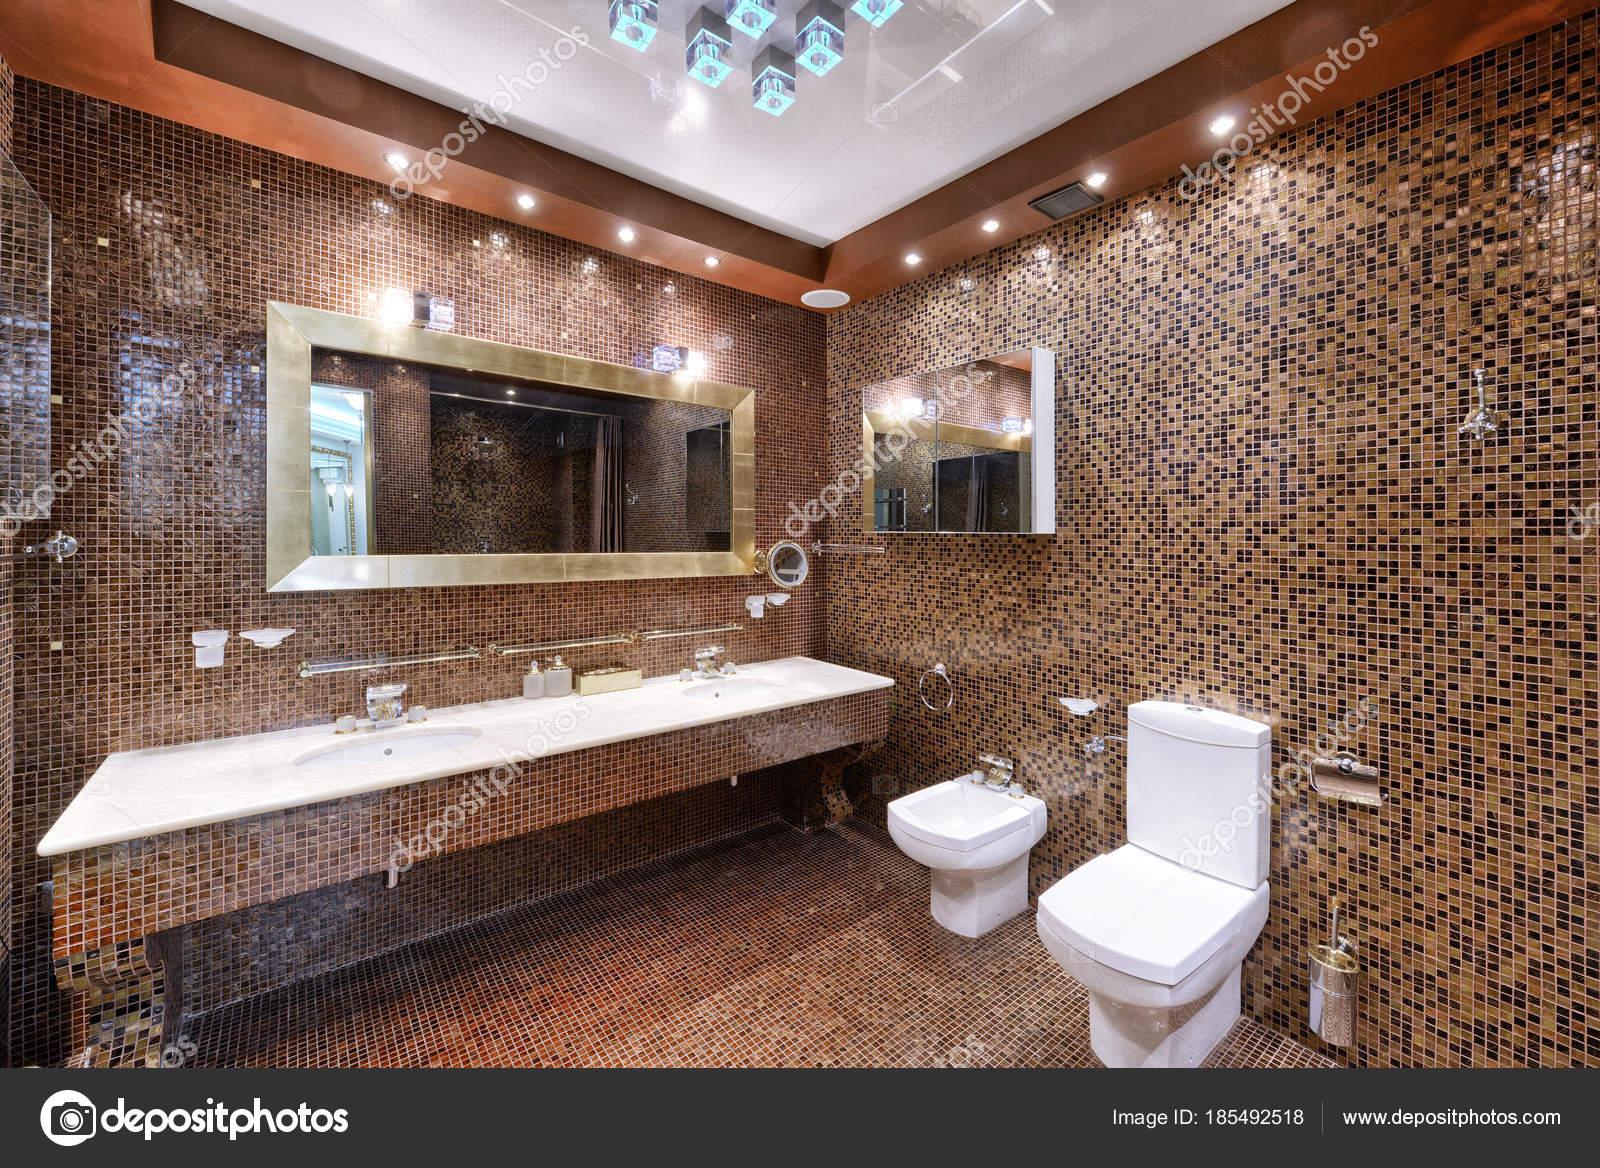 Dise o interiores casa lujo cuarto ba o elegante foto de for Diseno de interiores apartamentos medellin